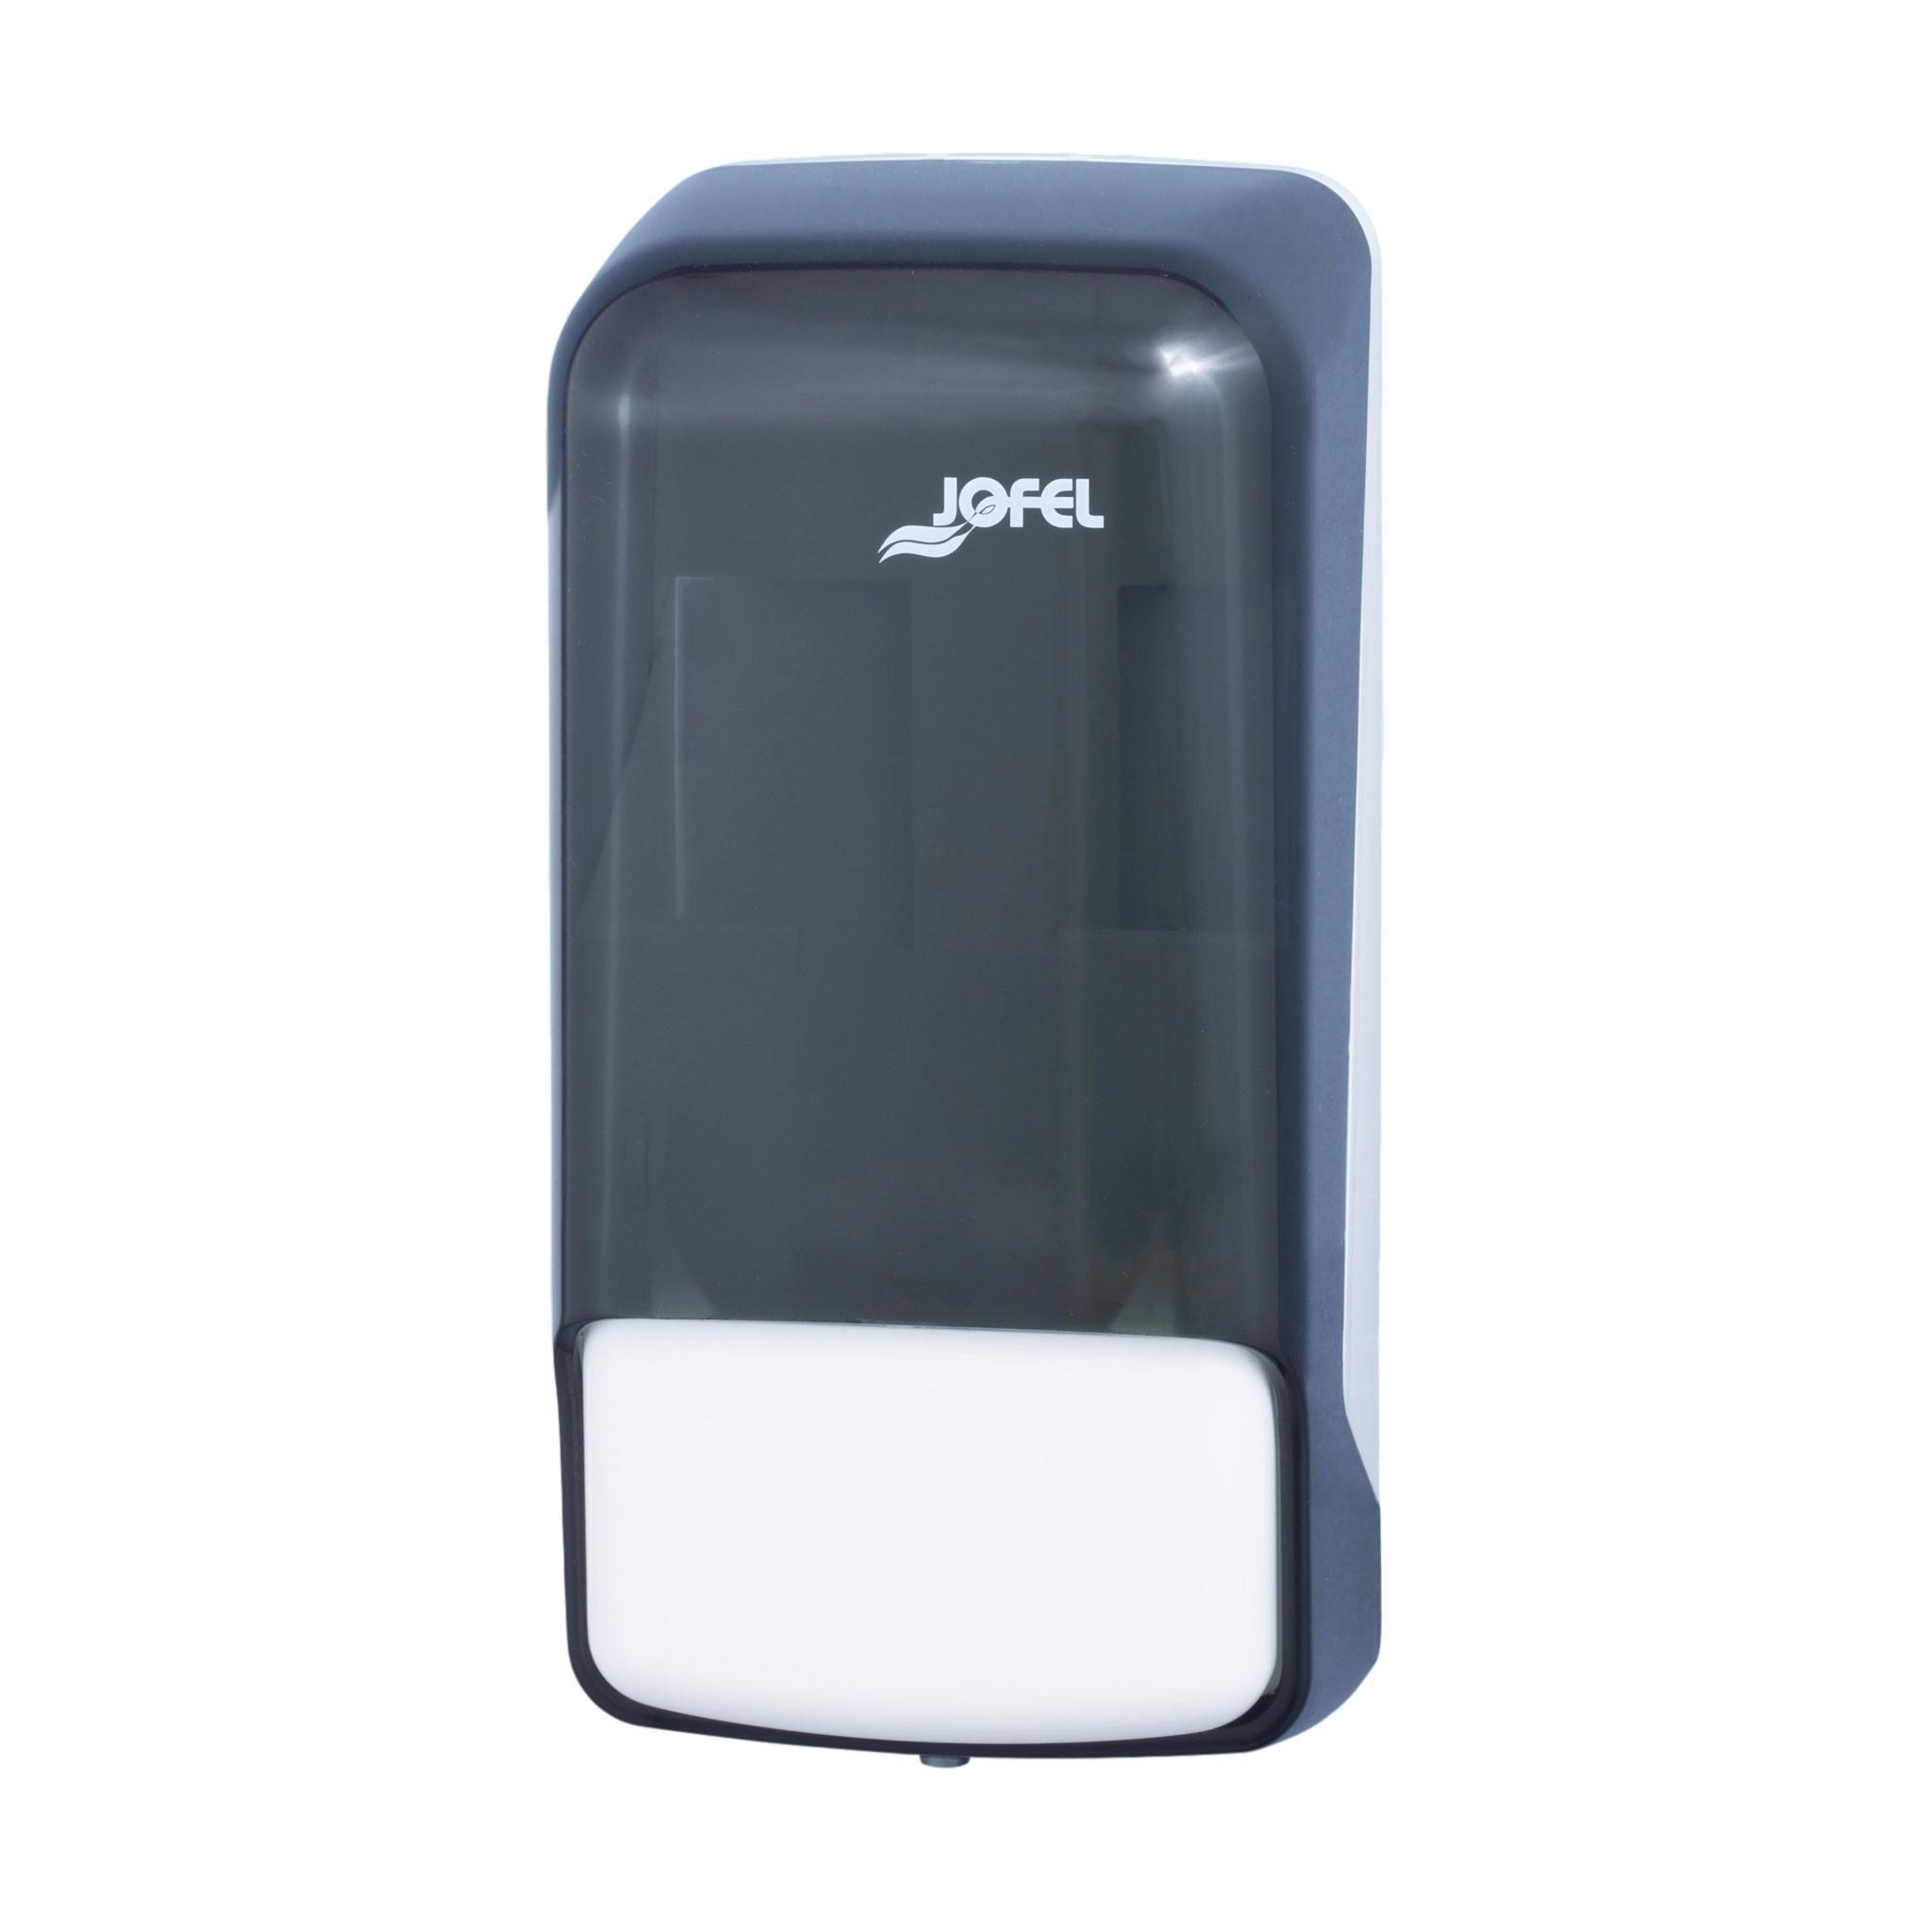 Πλαστική σαπουνοθήκη Jofel Azur Black AC81450